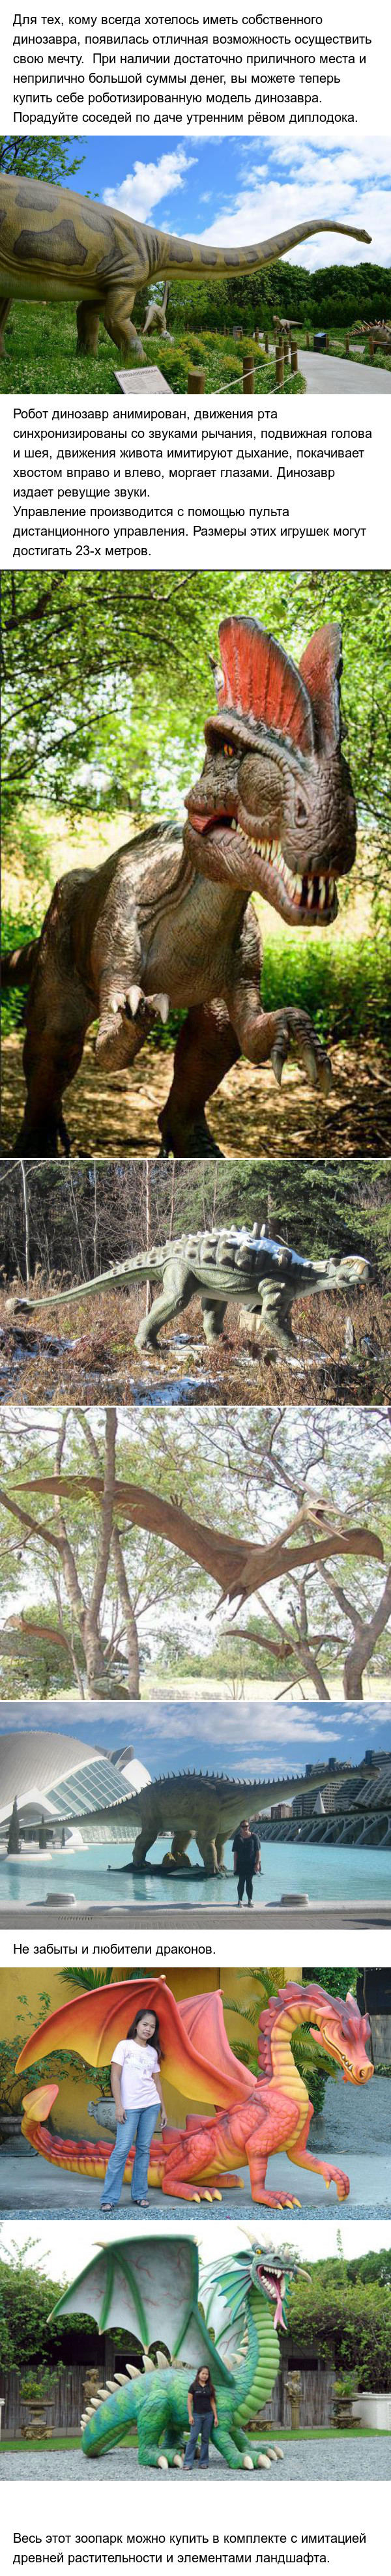 Хотите себе динозавра? Робототехника, Динозавры, Аниматроника, Очень большие!, Длиннопост